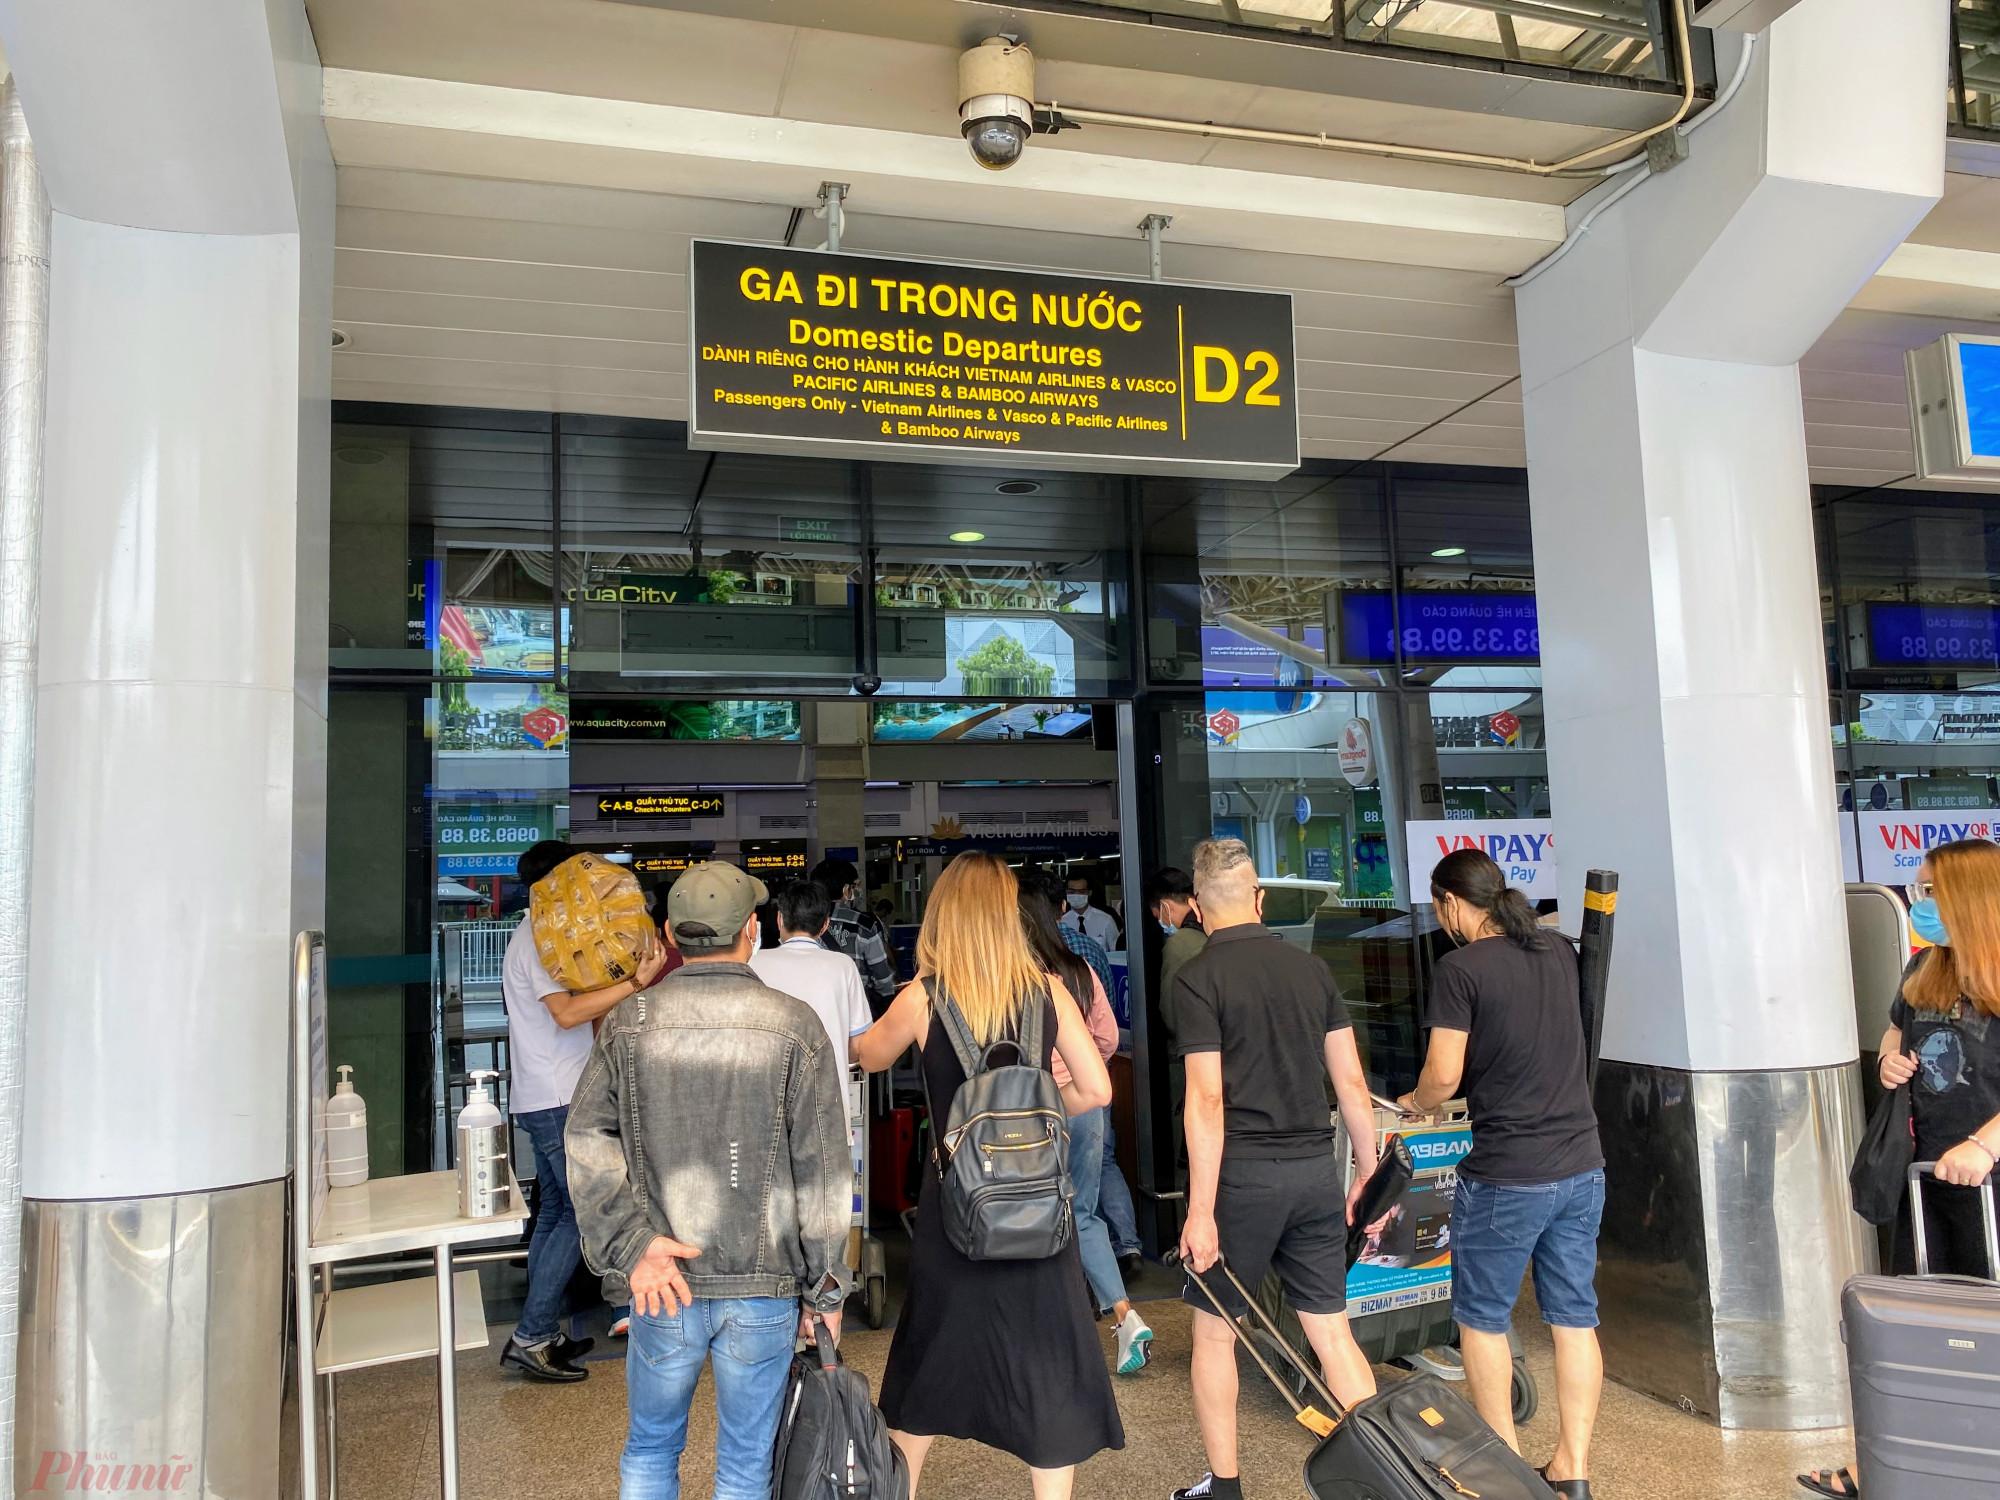 Đại diện hãng bay khuyến nghị khách hàng cần cẩn trọng khi mua vé bay dưới hình thức thuê chuyến về Việt Nam. Ảnh: Quốc Thái